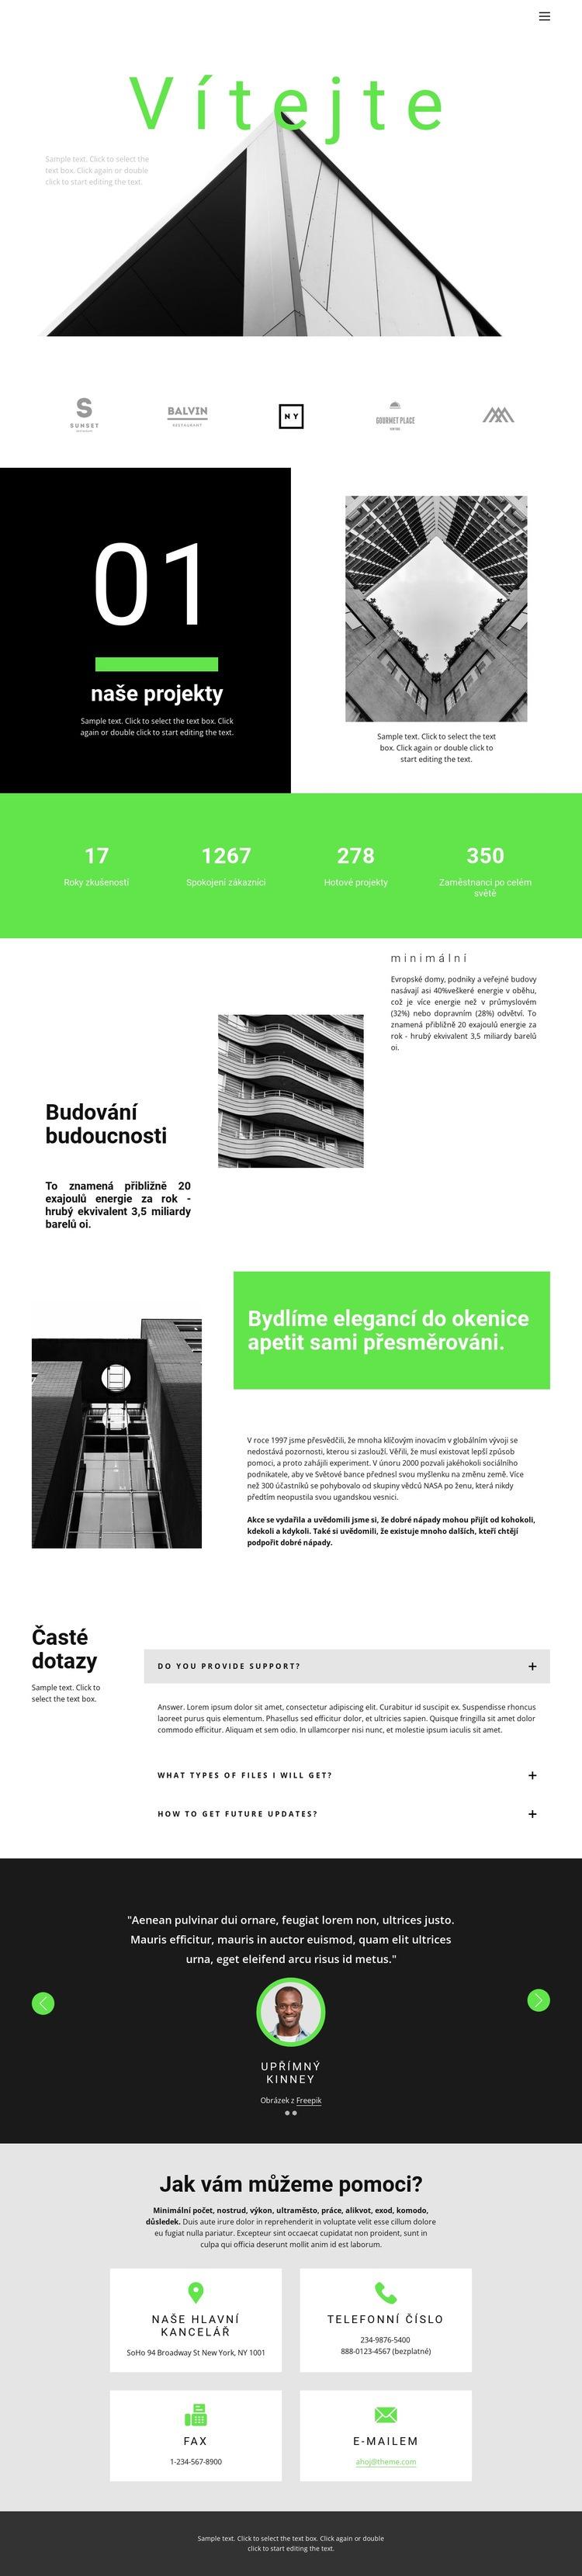 Podívejte se na naše projekty Šablona webové stránky